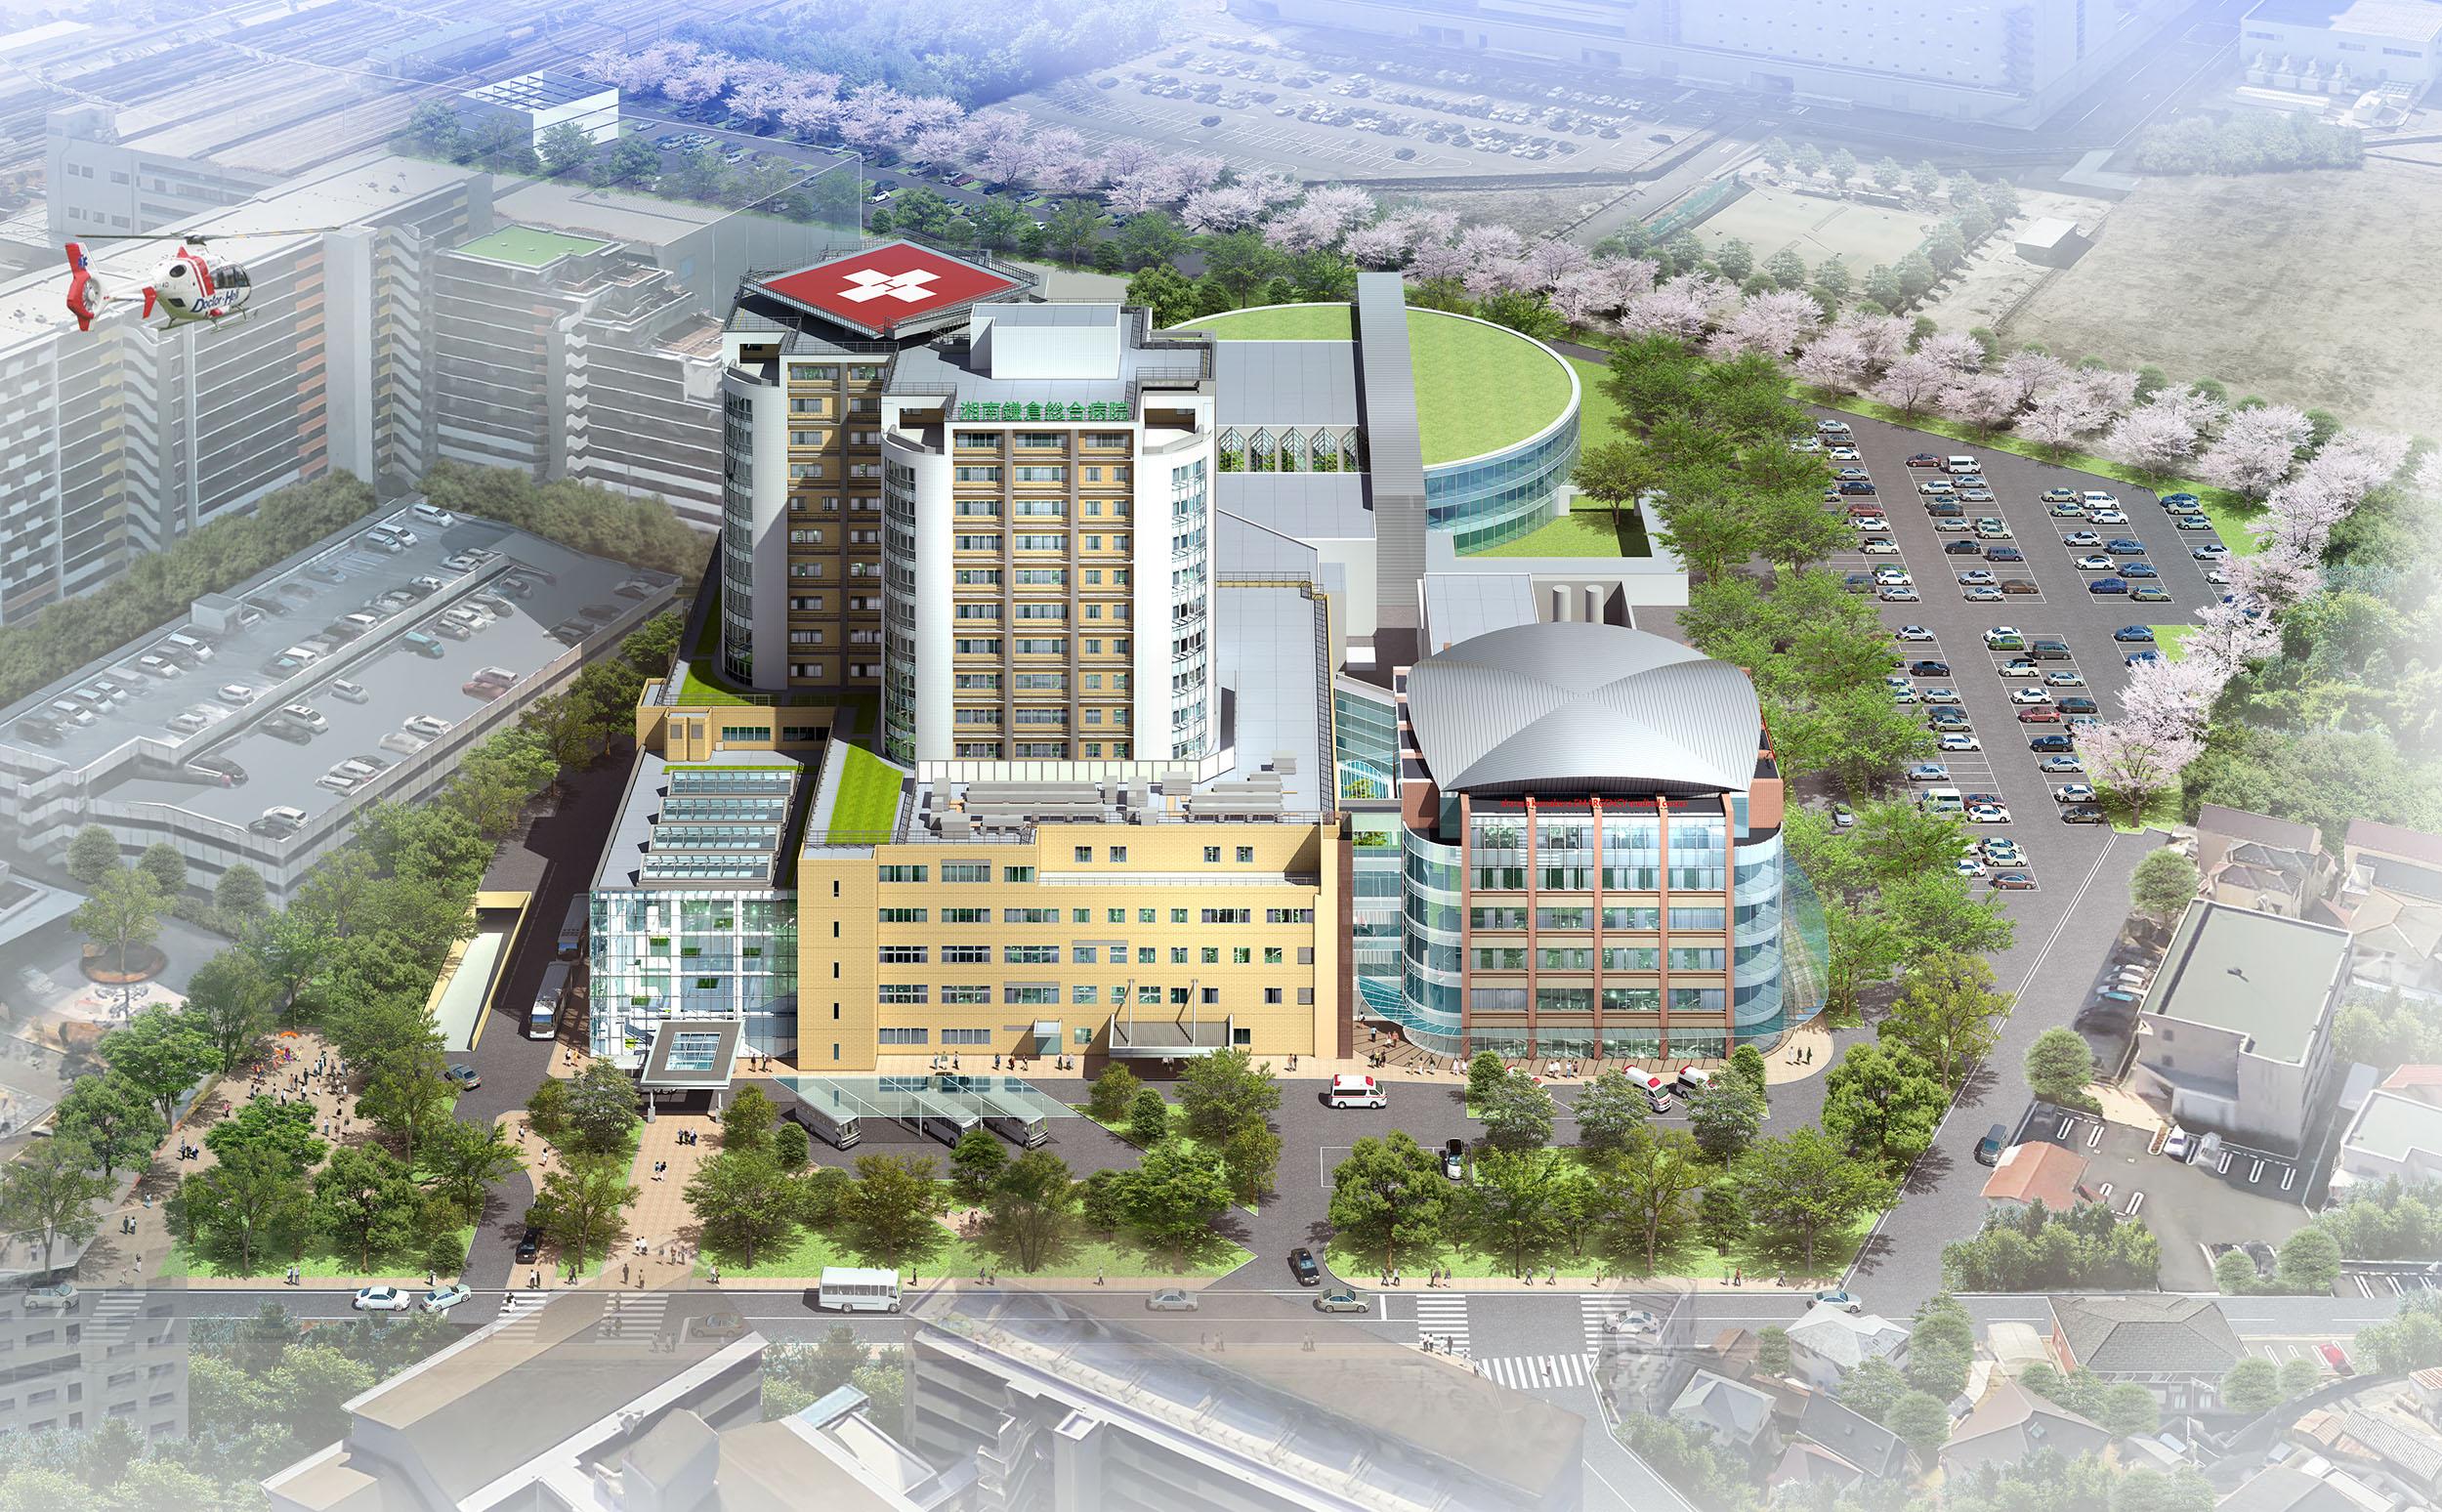 2021年に増築し救急・外傷センター棟と研究センター棟を併設予定です。